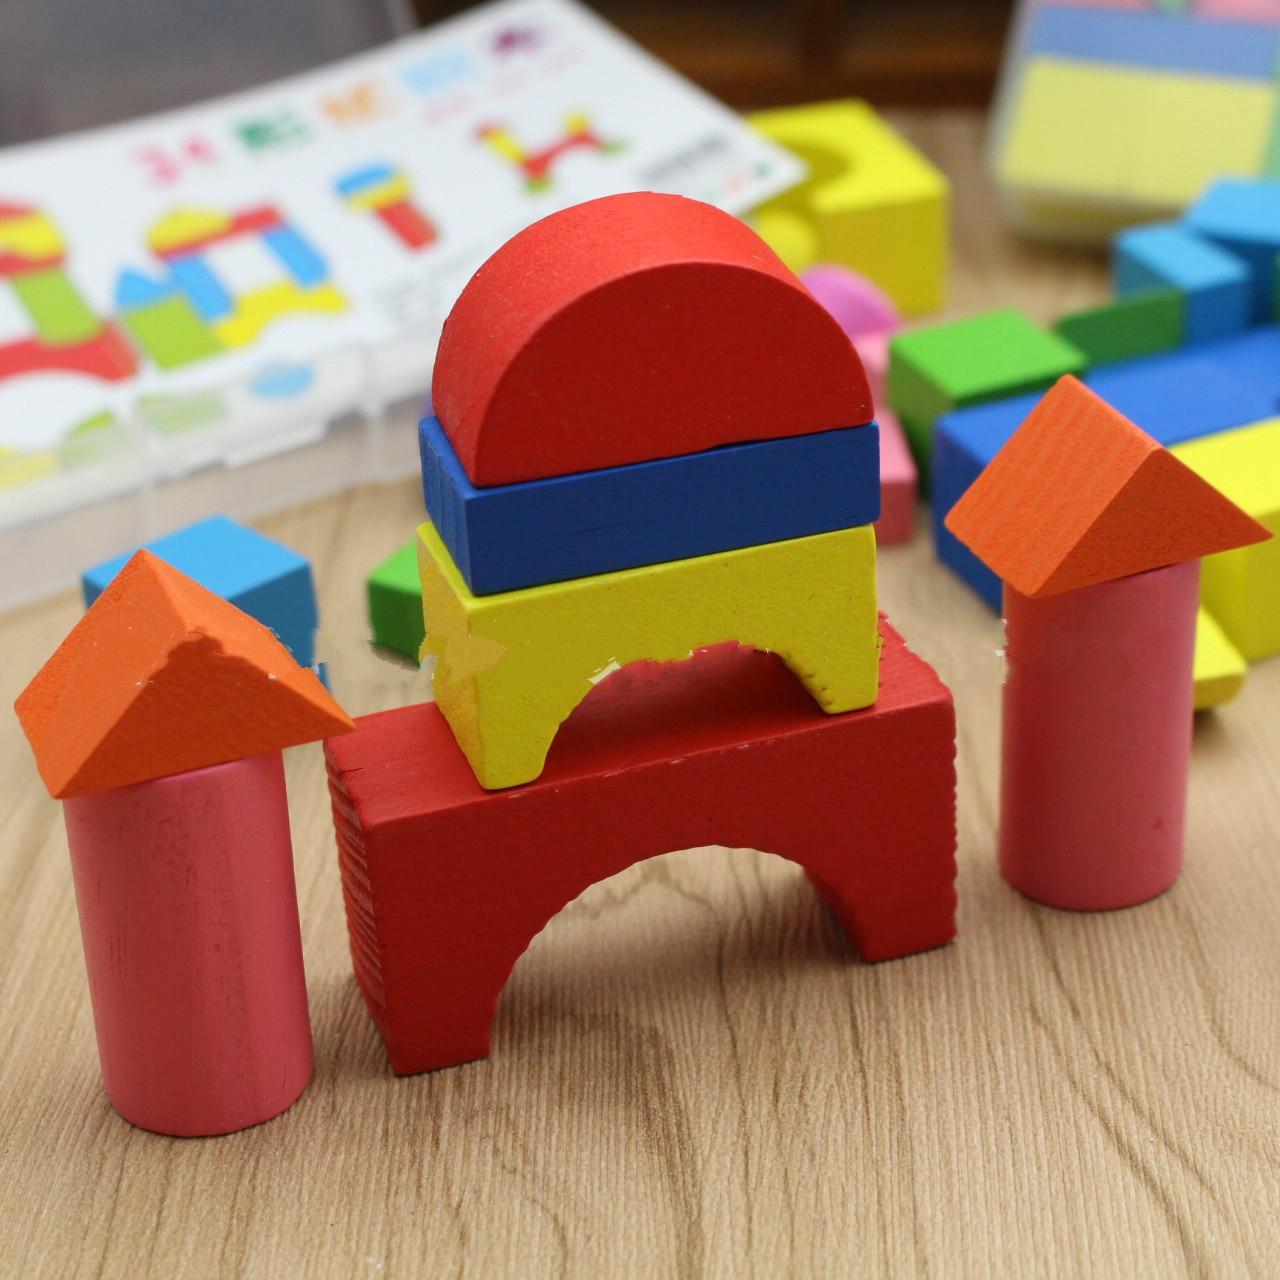 34 peças de madeira castelo arquitetura crianças